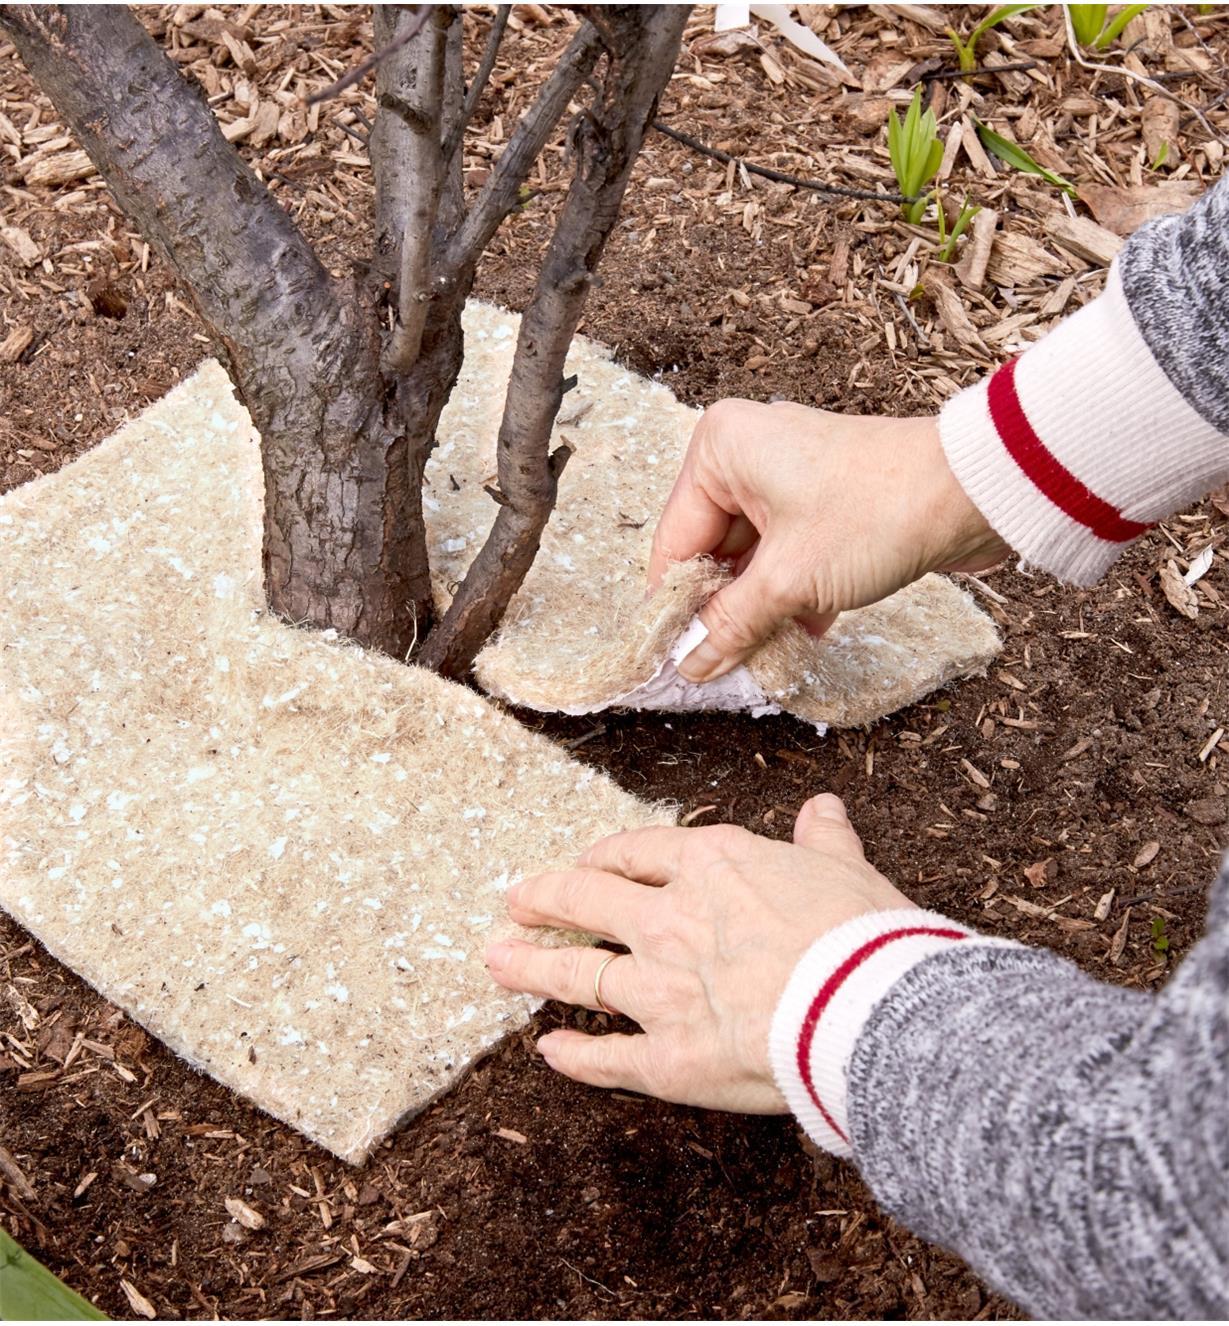 Jardinier positionnant un tapis anti-mauvaises herbes autour du pied d'un arbre récemment planté